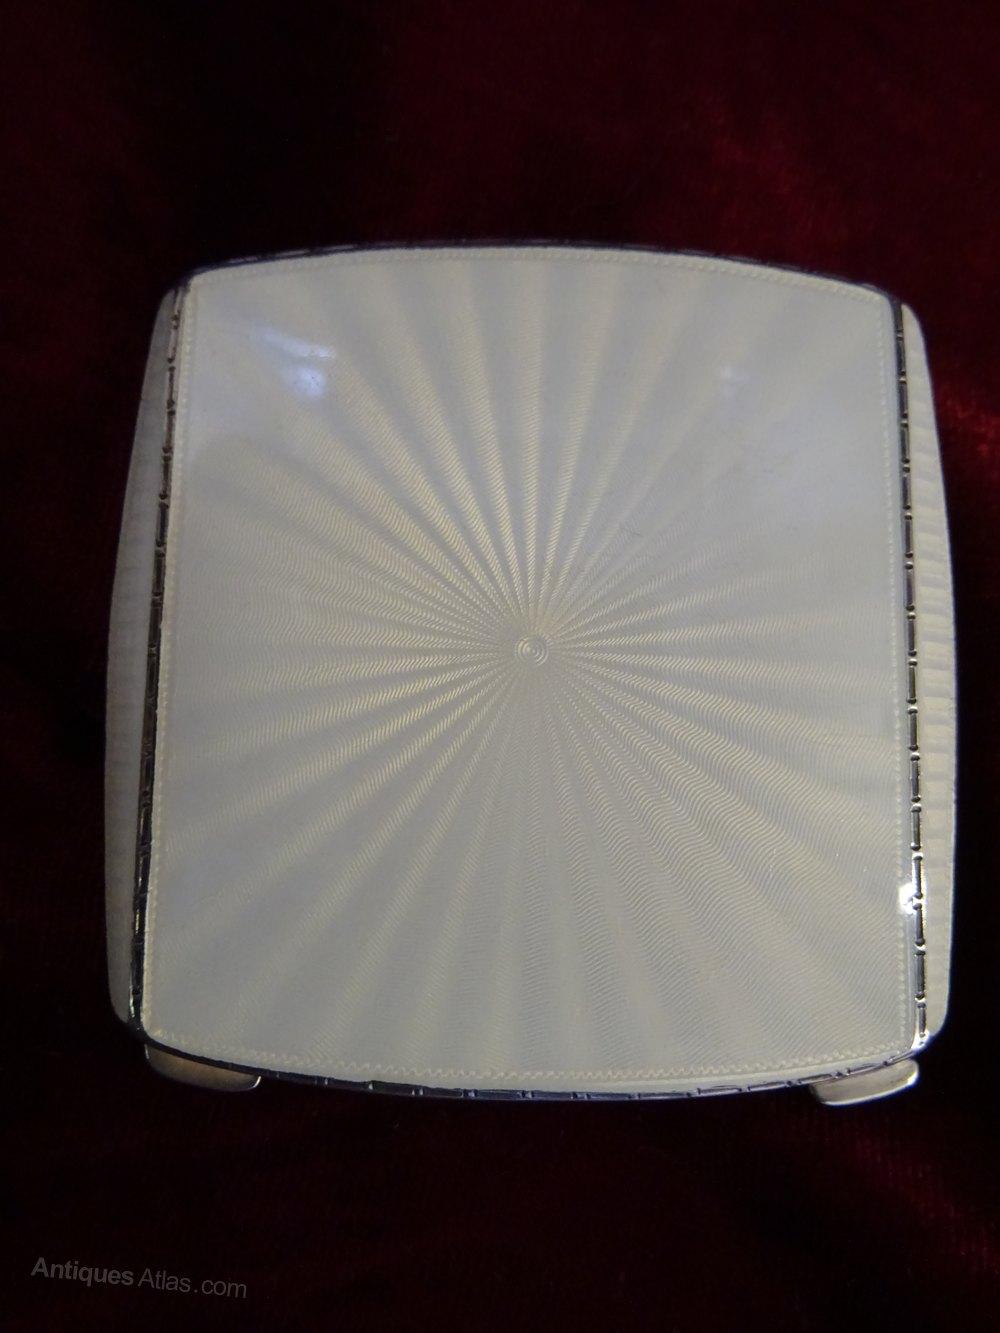 Antiques Atlas Art Deco Silver Amp Enamel Compact Case